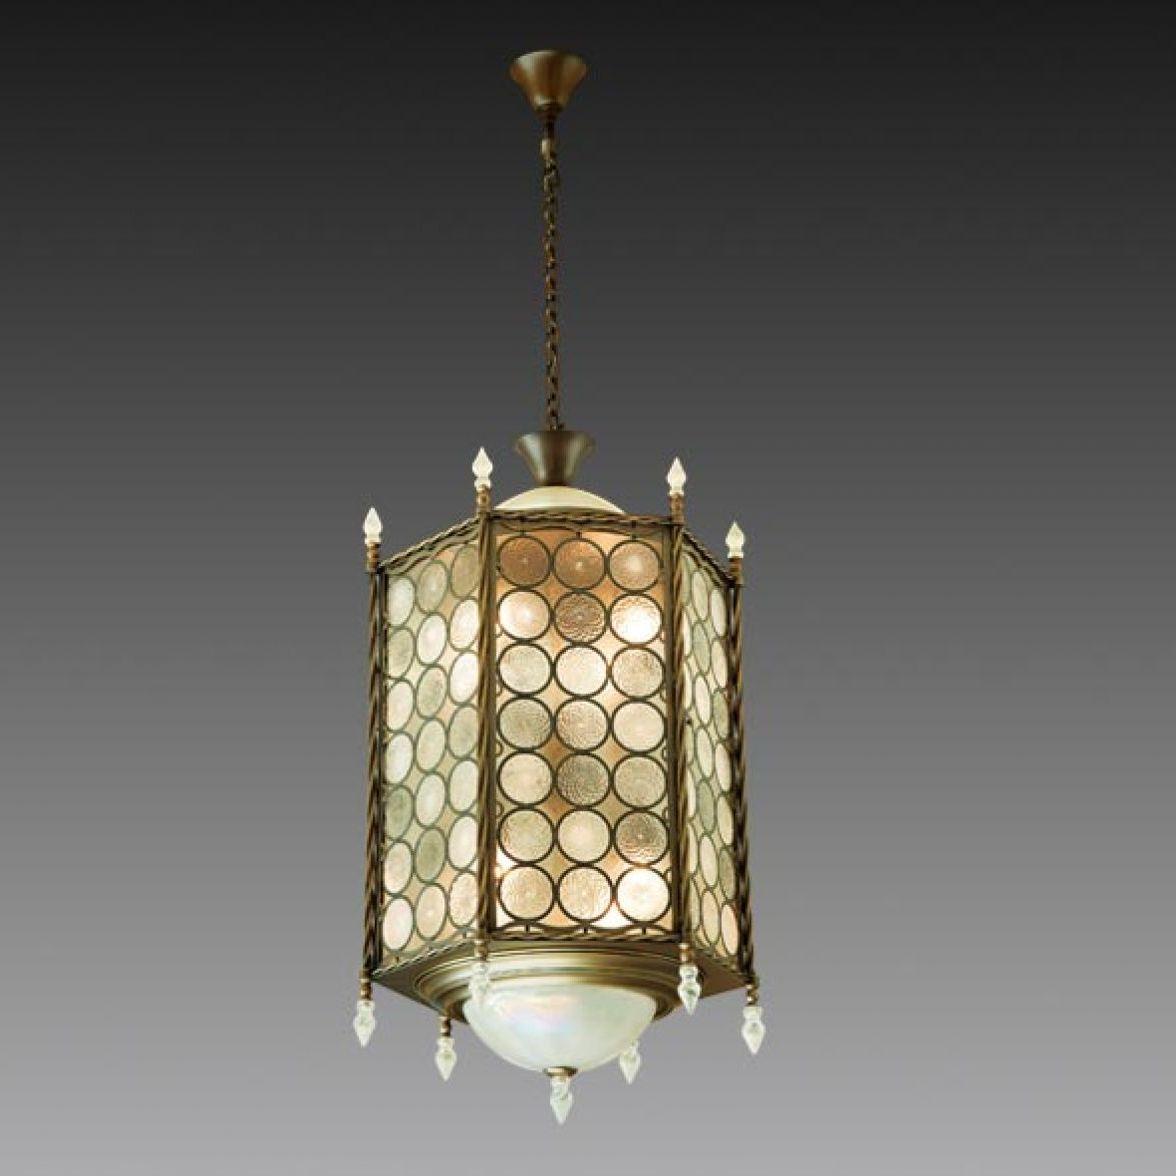 Veneziana lantern